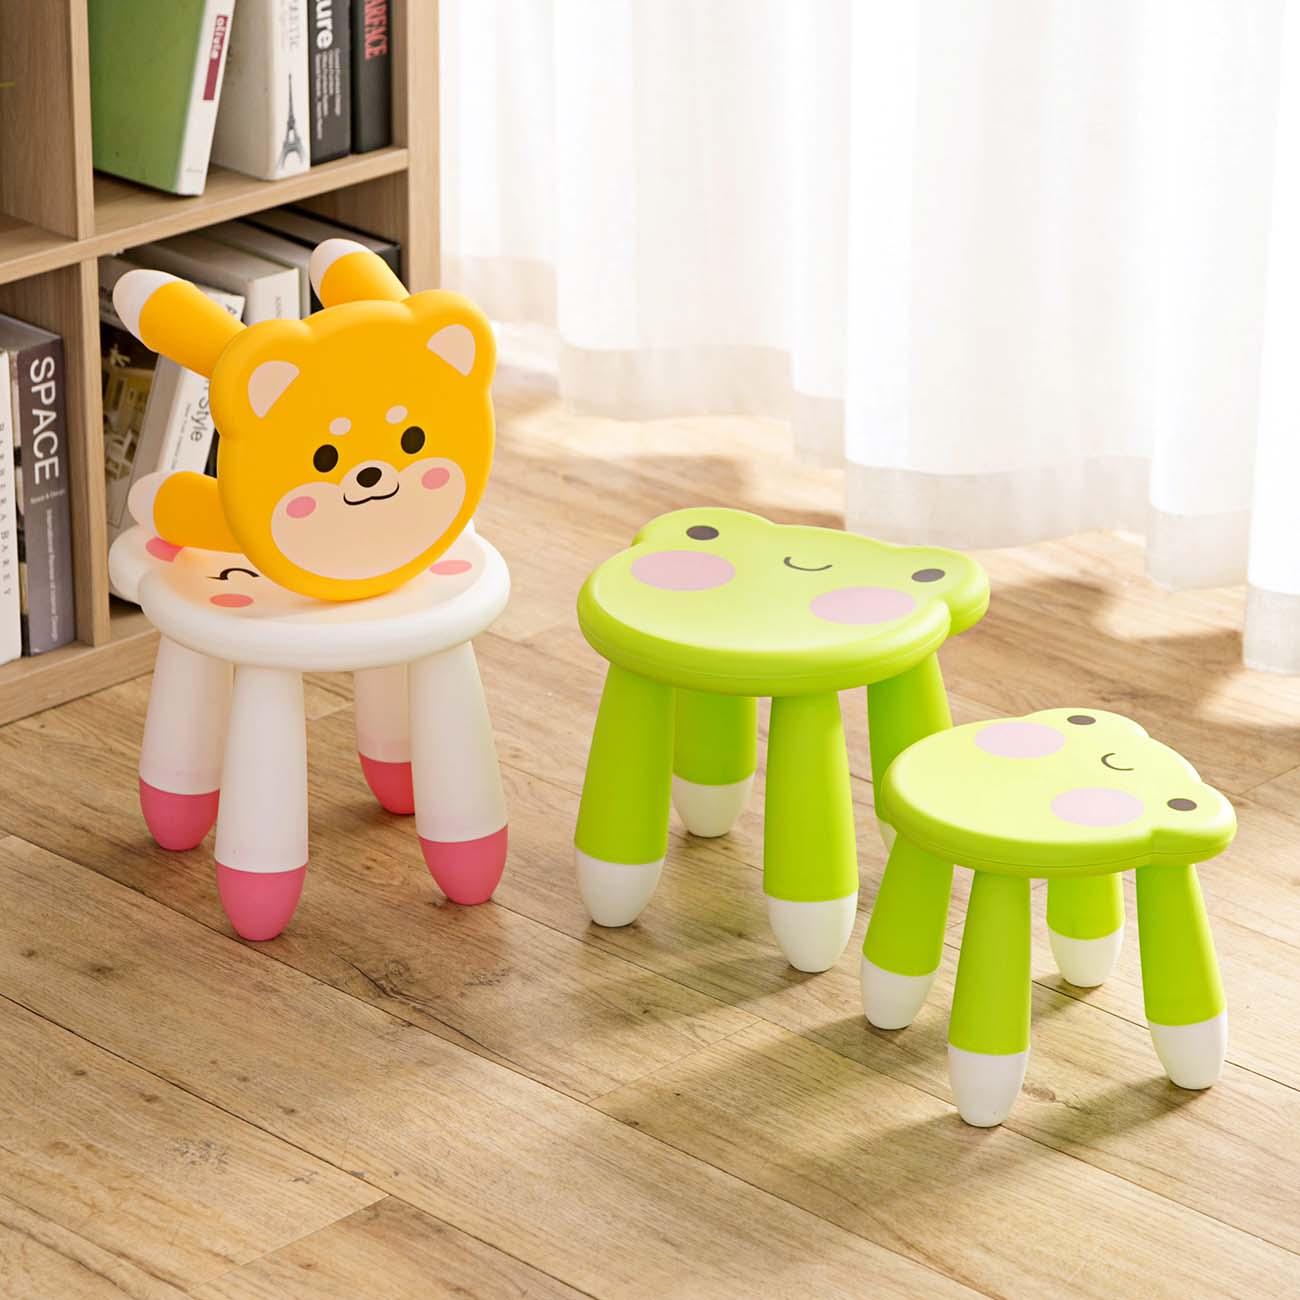 Картонная лягушка, детский утолщенный пластиковый маленький табурет, для гостиной, для взрослых, сменная скамейка для обуви, для ванной